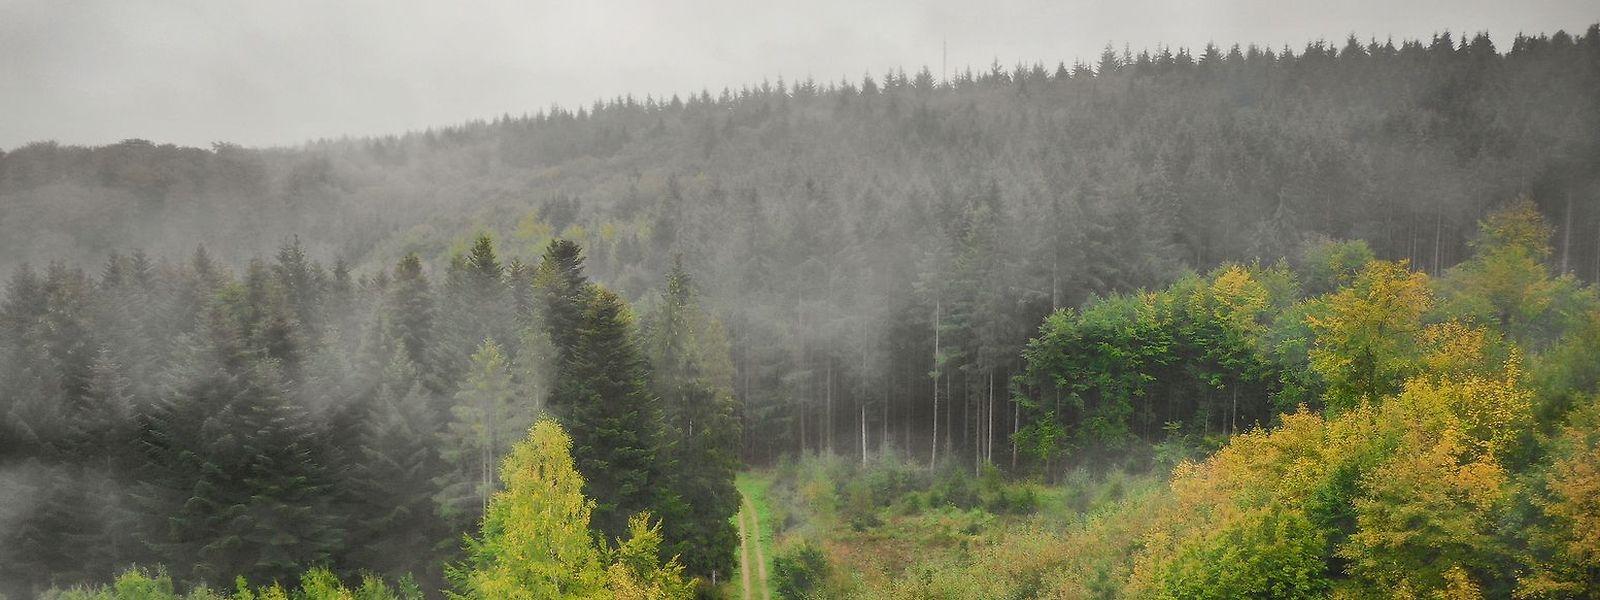 Situé au nord-est de la ville de Luxembourg, le domaine forestier du Gréngewald (4.500 ha), est la propriété de l'État luxembourgeois mais aussi de la cour grand-ducale.